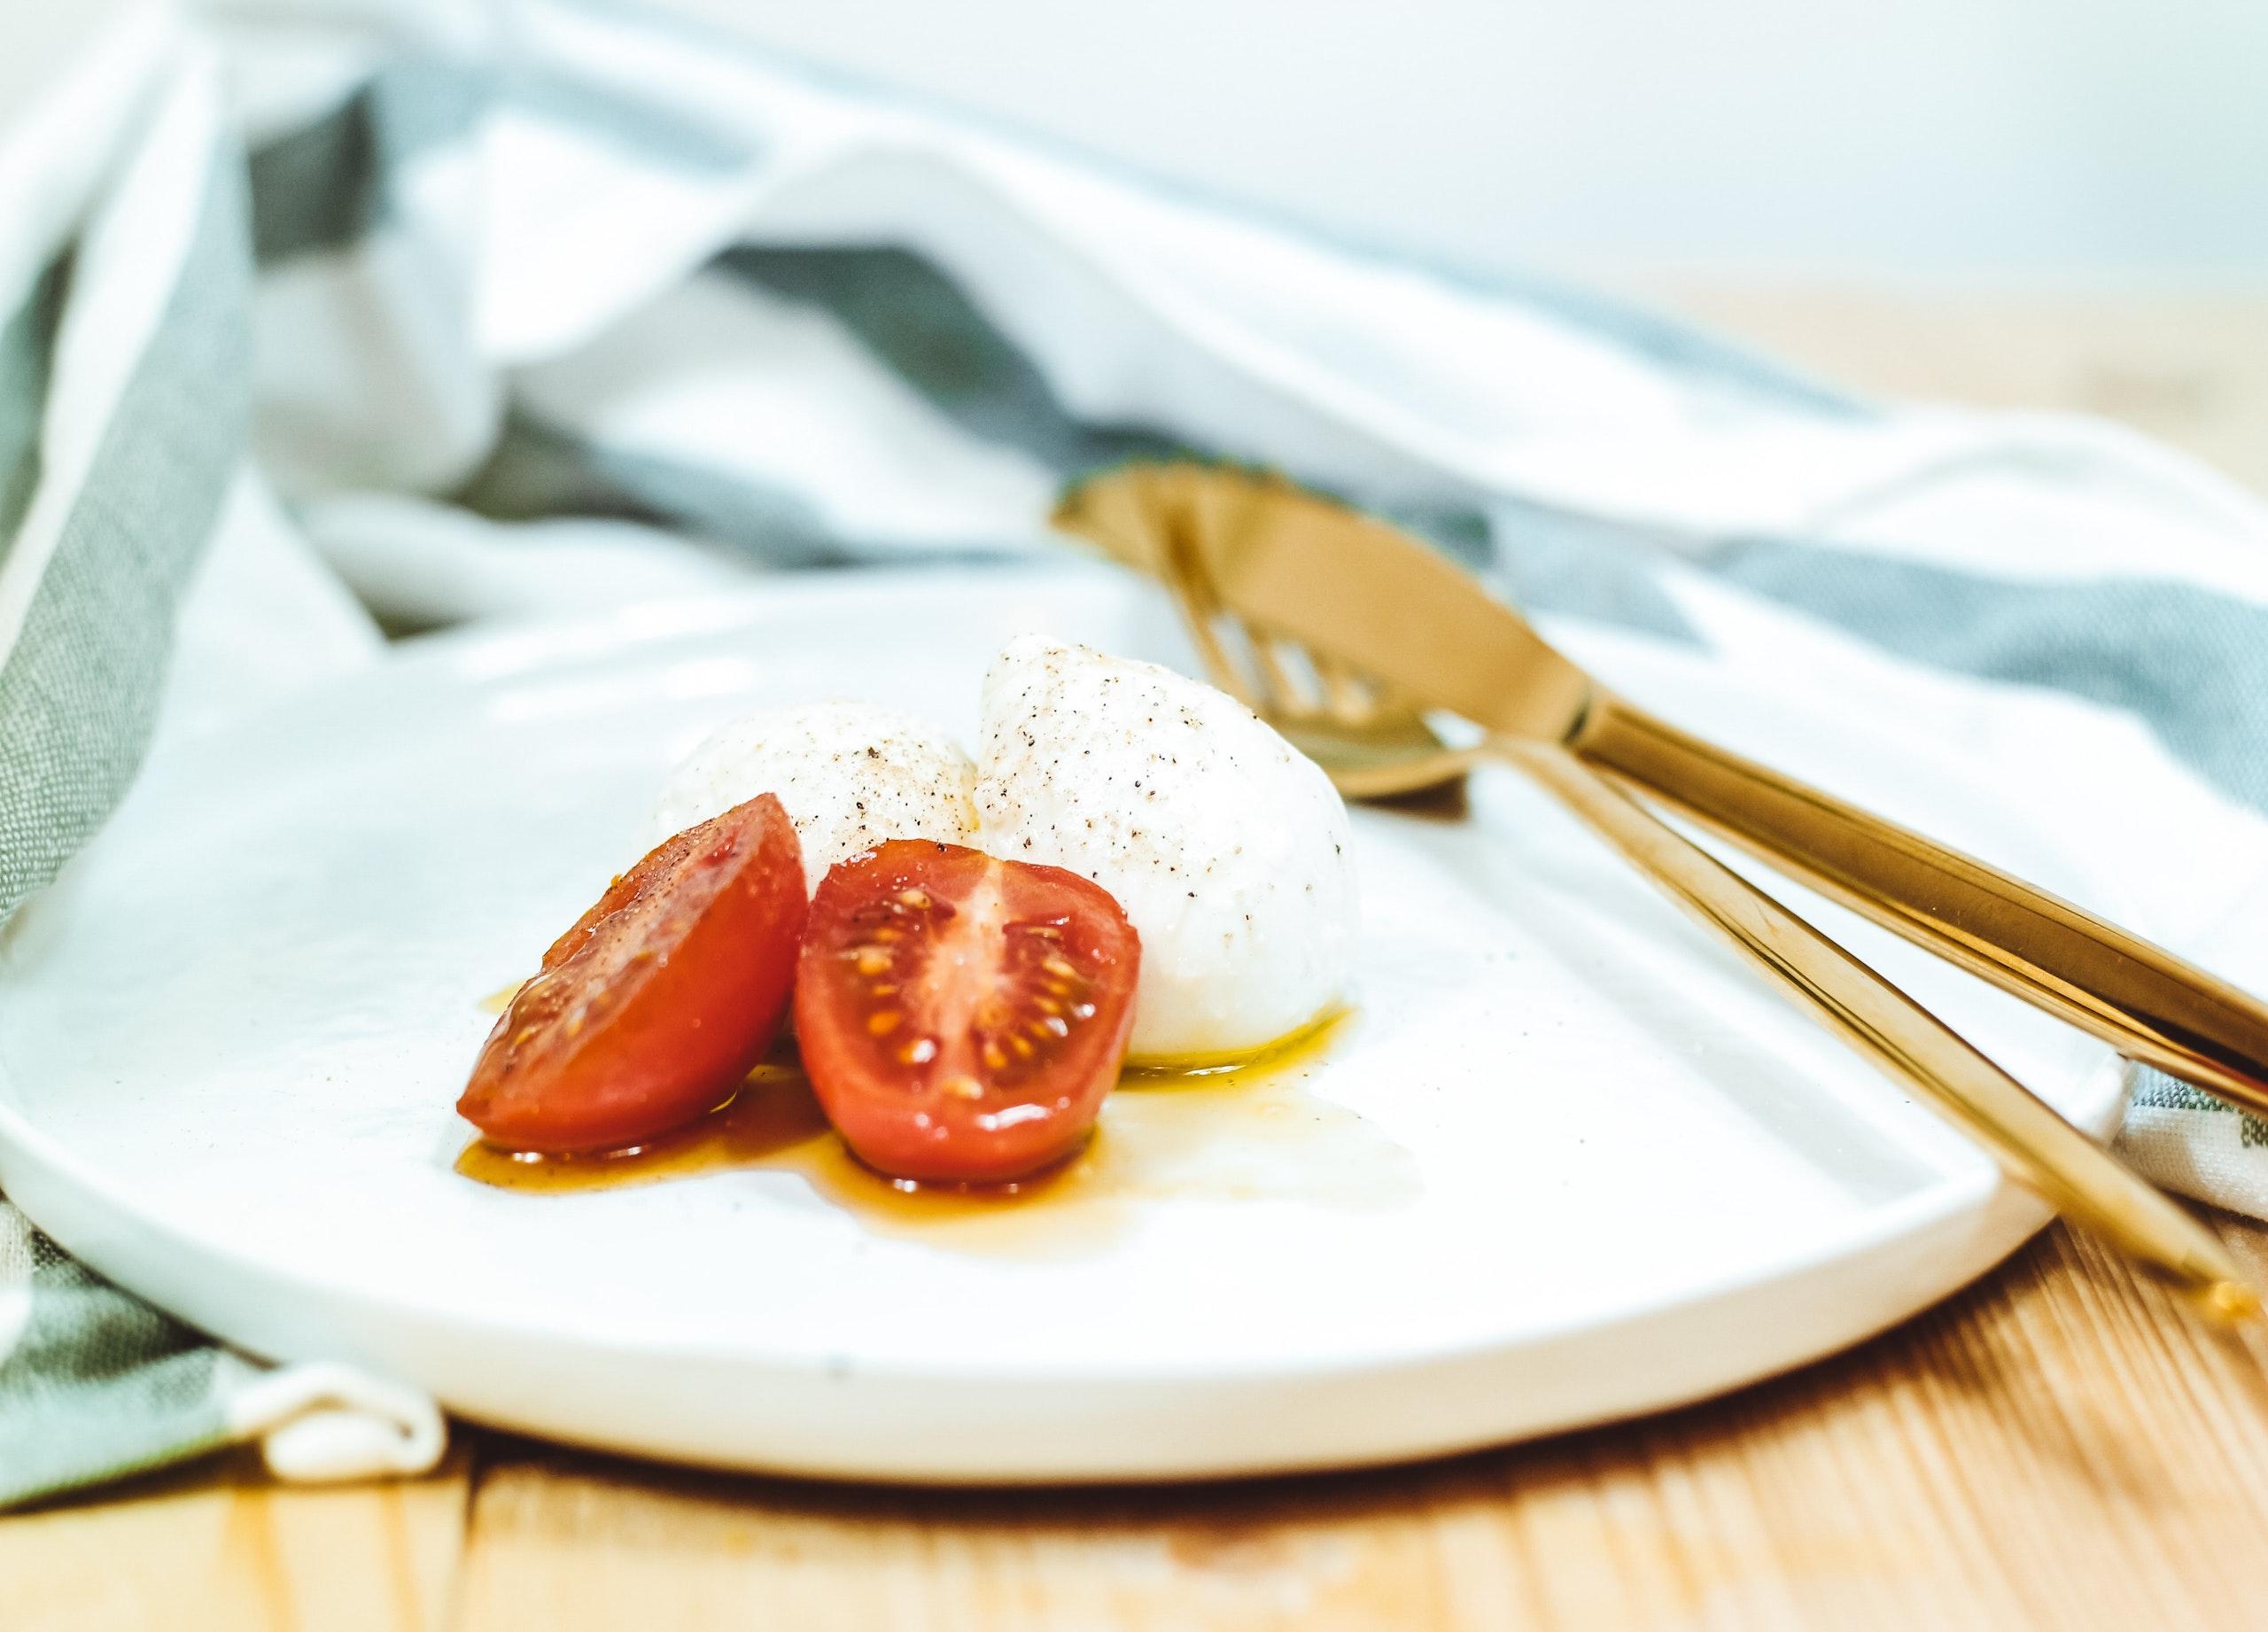 Assiette avec une boule de mozzarella et une tomate